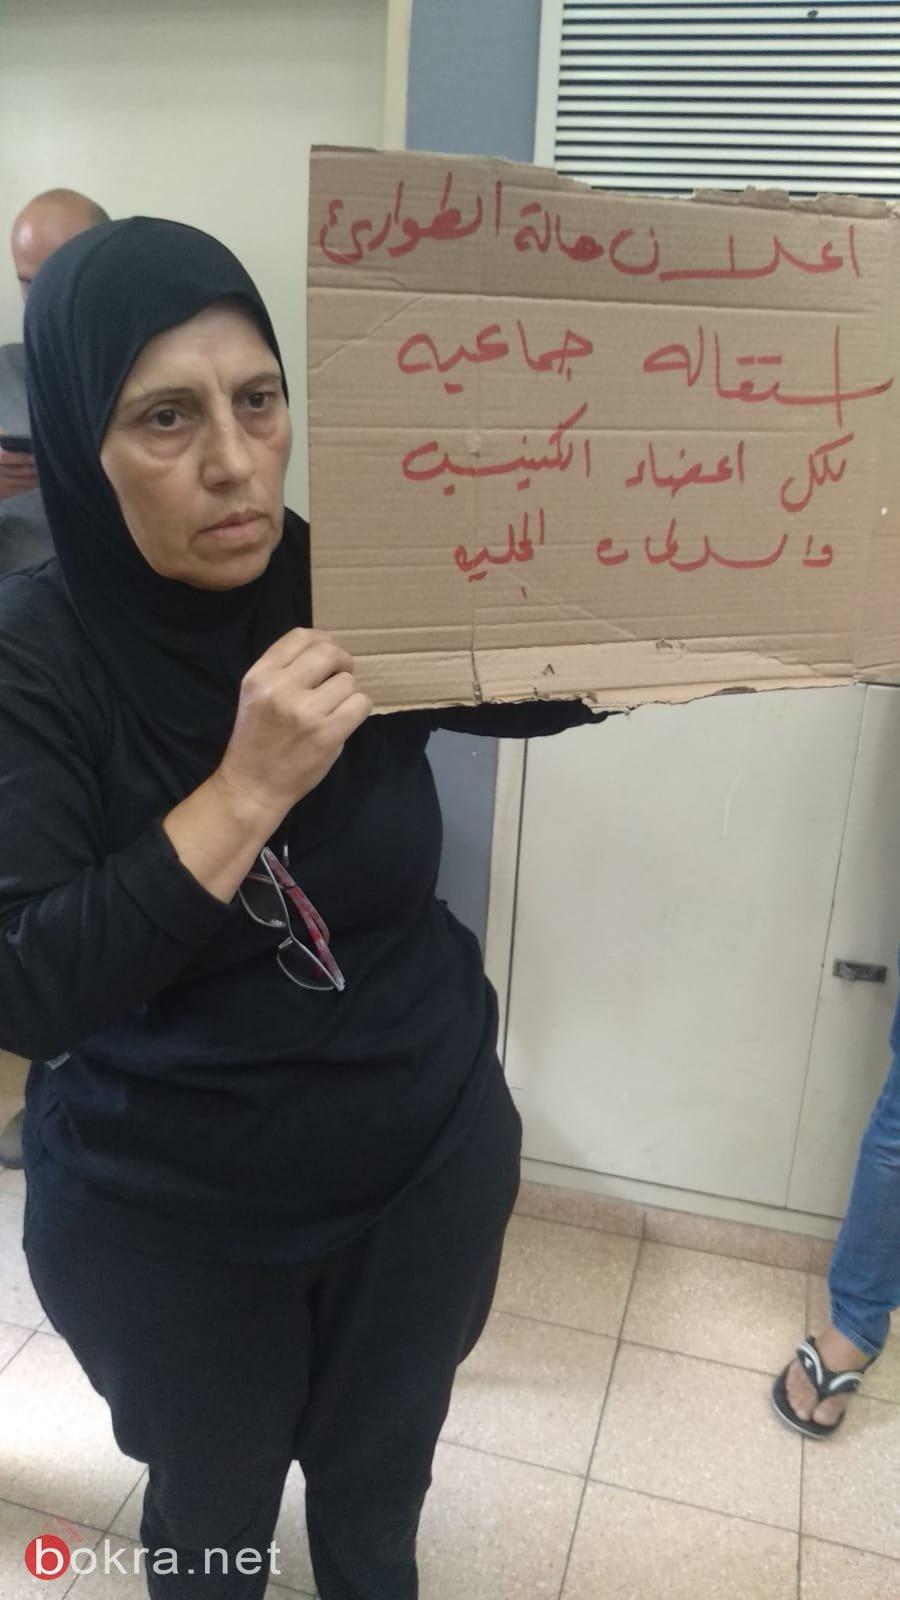 المتابعة تعلن عن الإضراب رسميًا، والإعلان عن موعد جنازة الشقيقين أحمد وخليل مناع